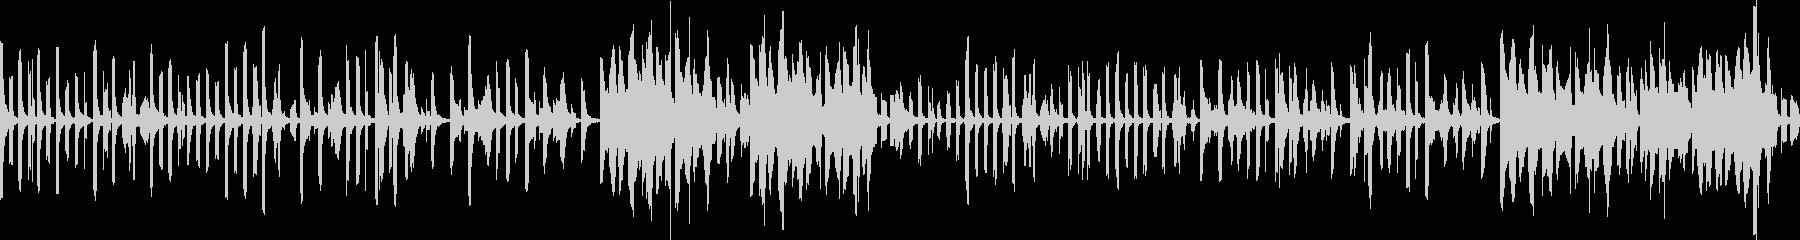 調子の外れたコミカルでかわいい曲 ループの未再生の波形